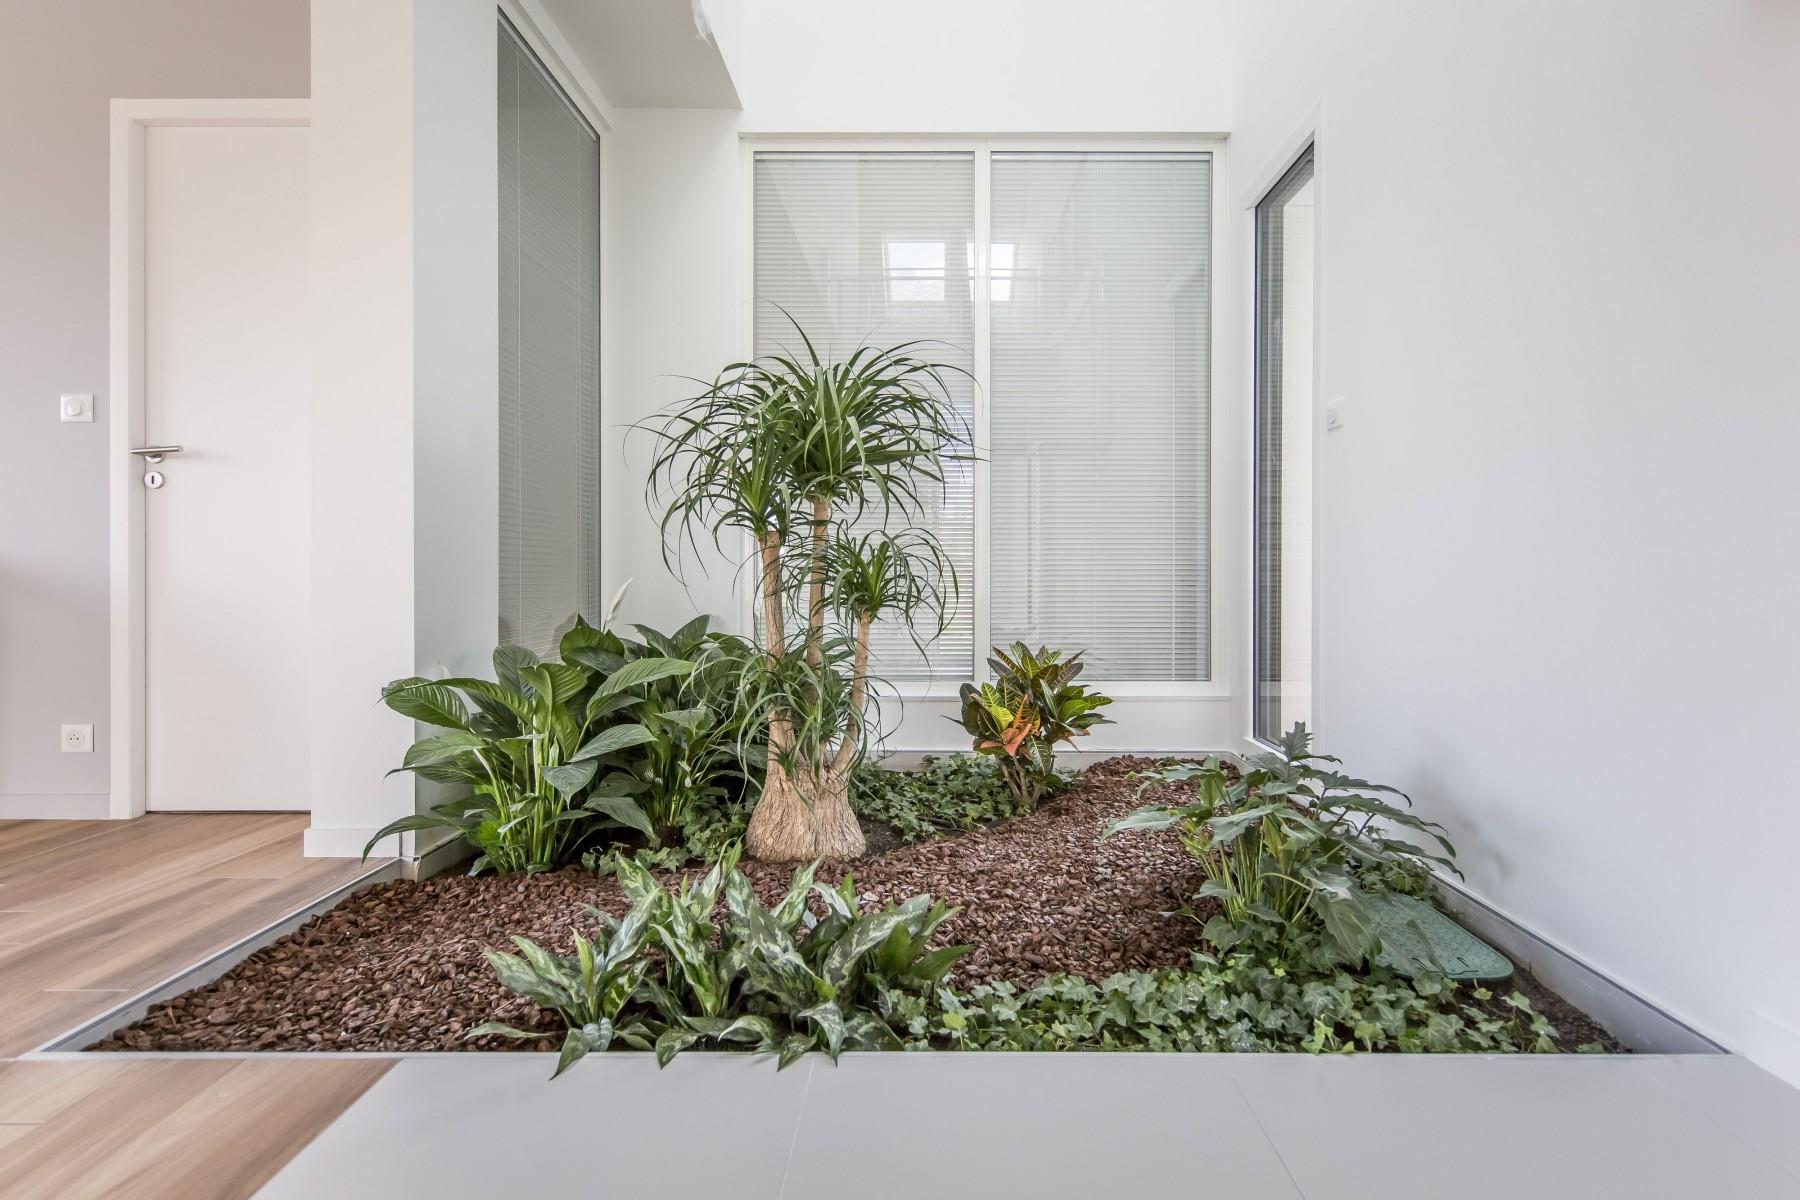 Maison Rennaise dedans la vision velux de l'habitat de demain inspire le constructeur